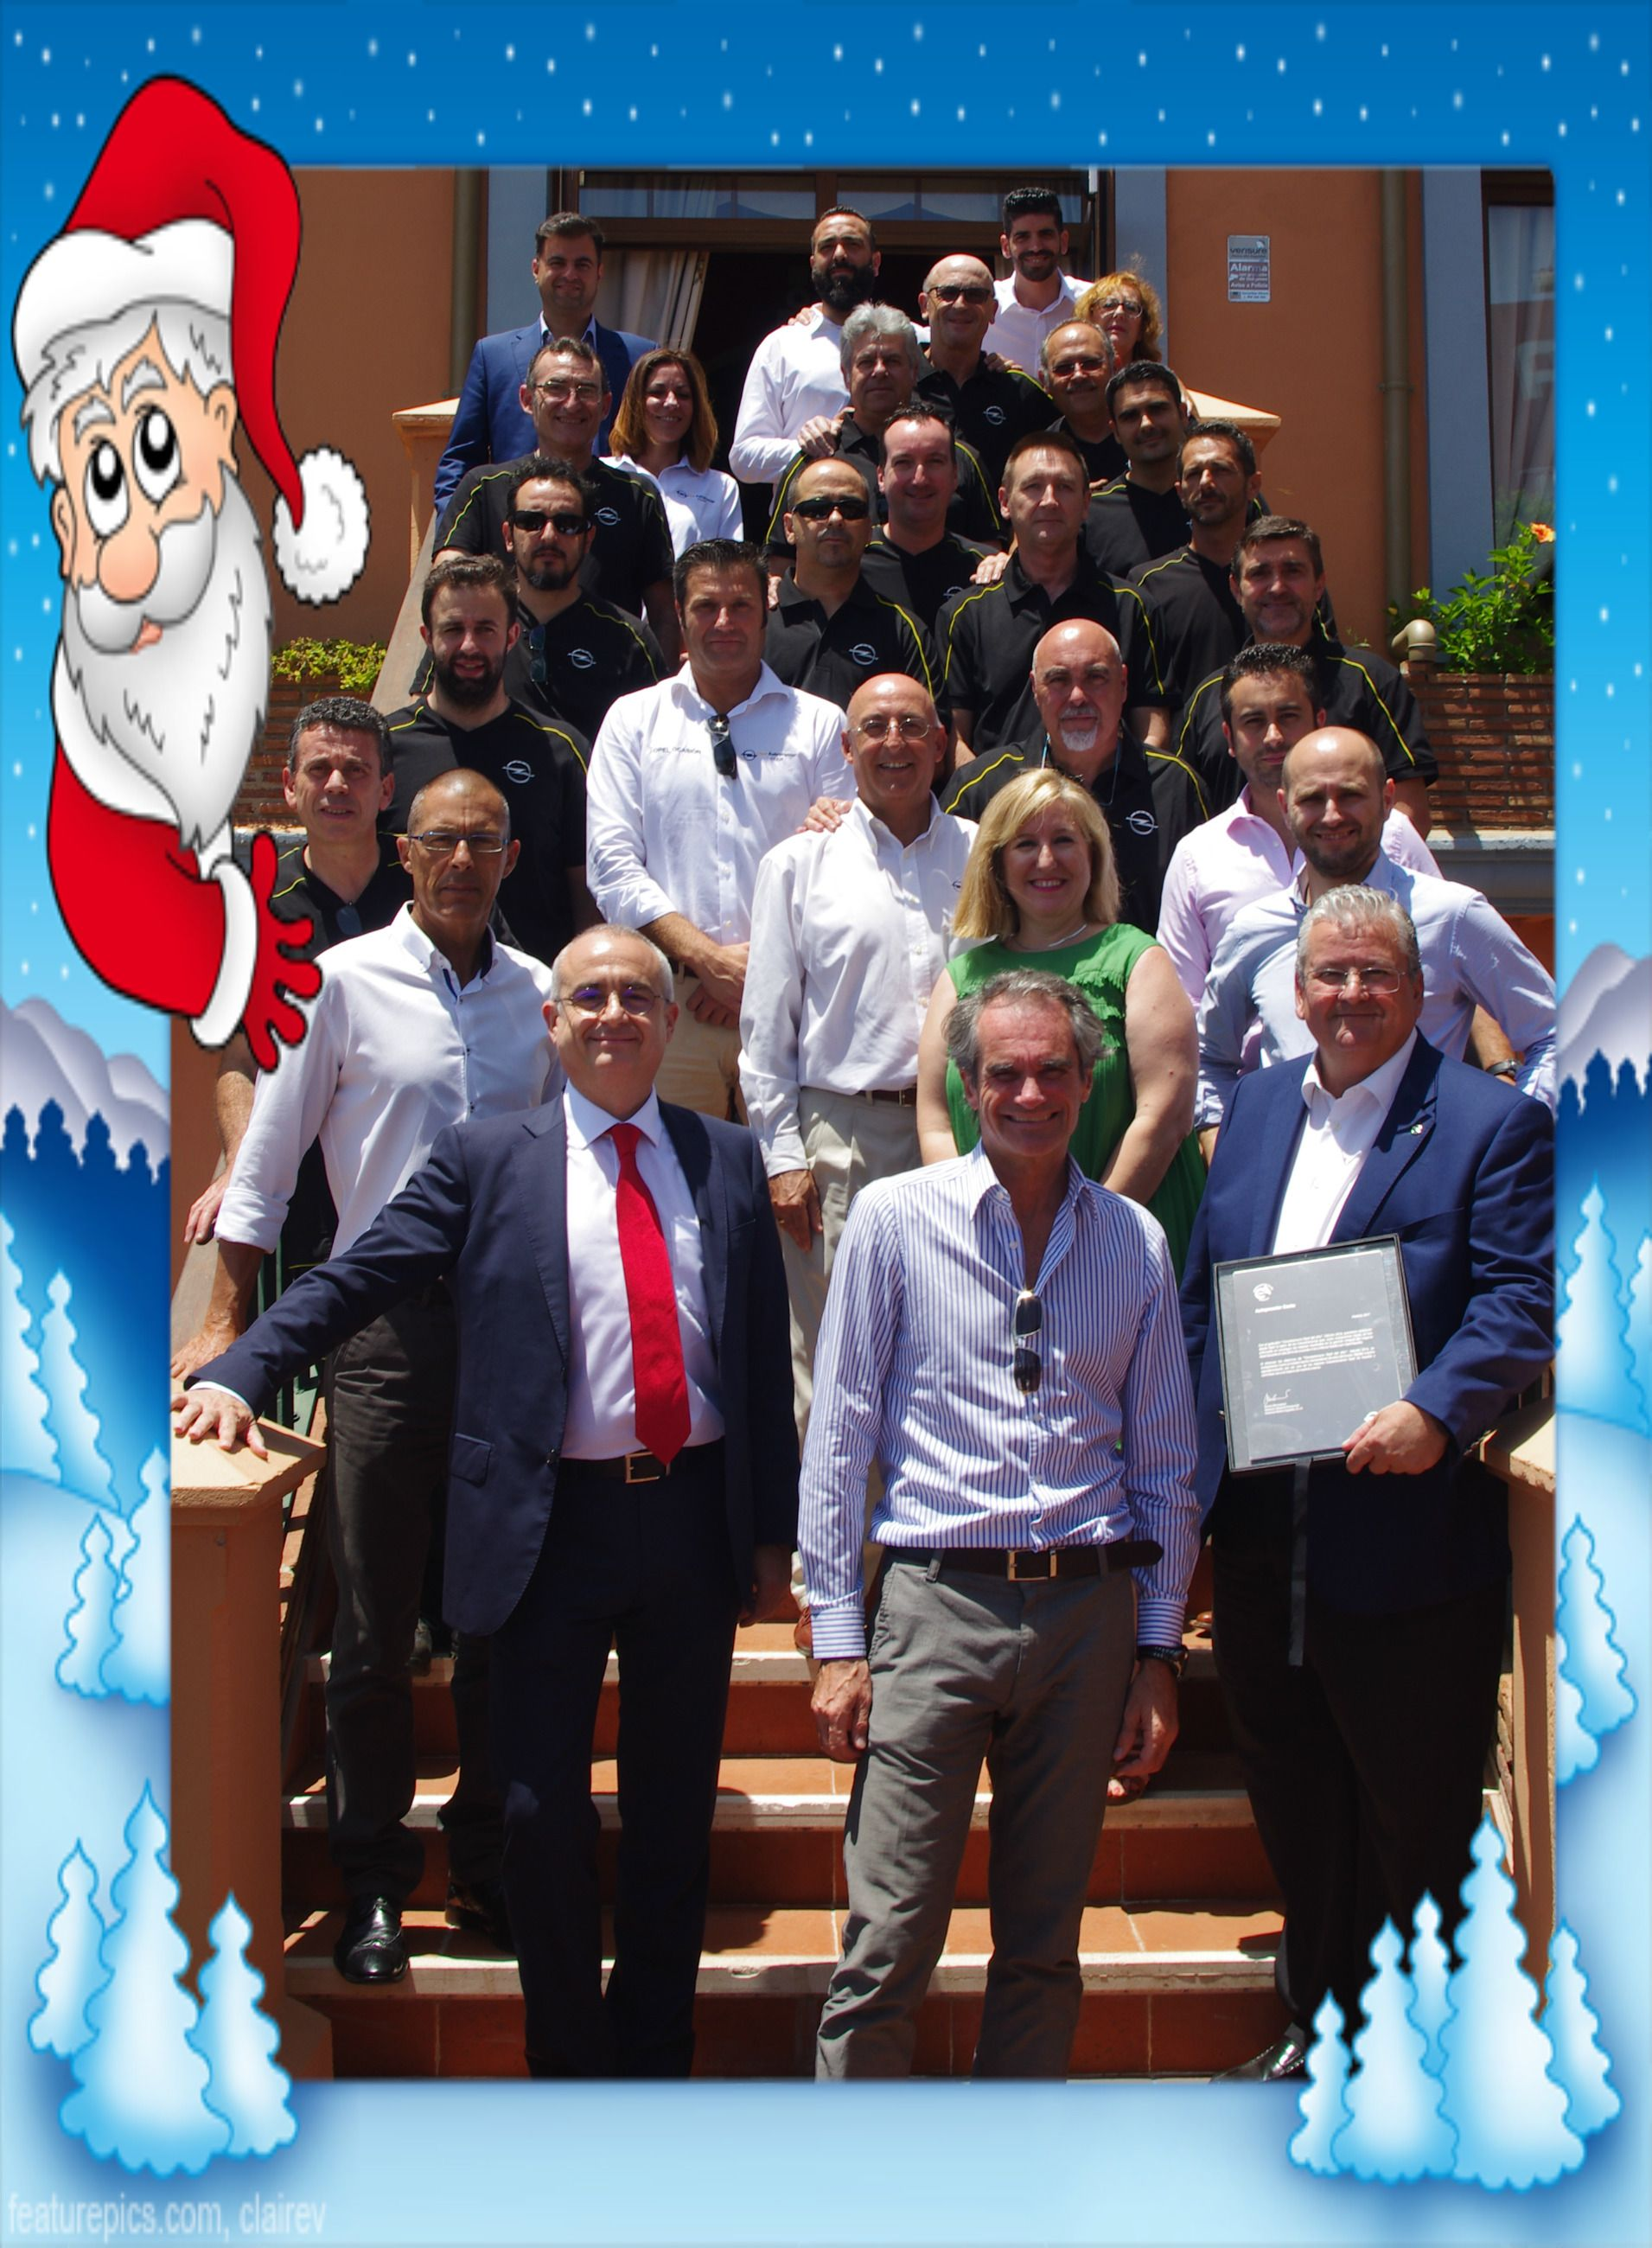 La familia OPEL Autopremier  Quiere desearle  Feliz Navidad y un Próspero Año Nuevo